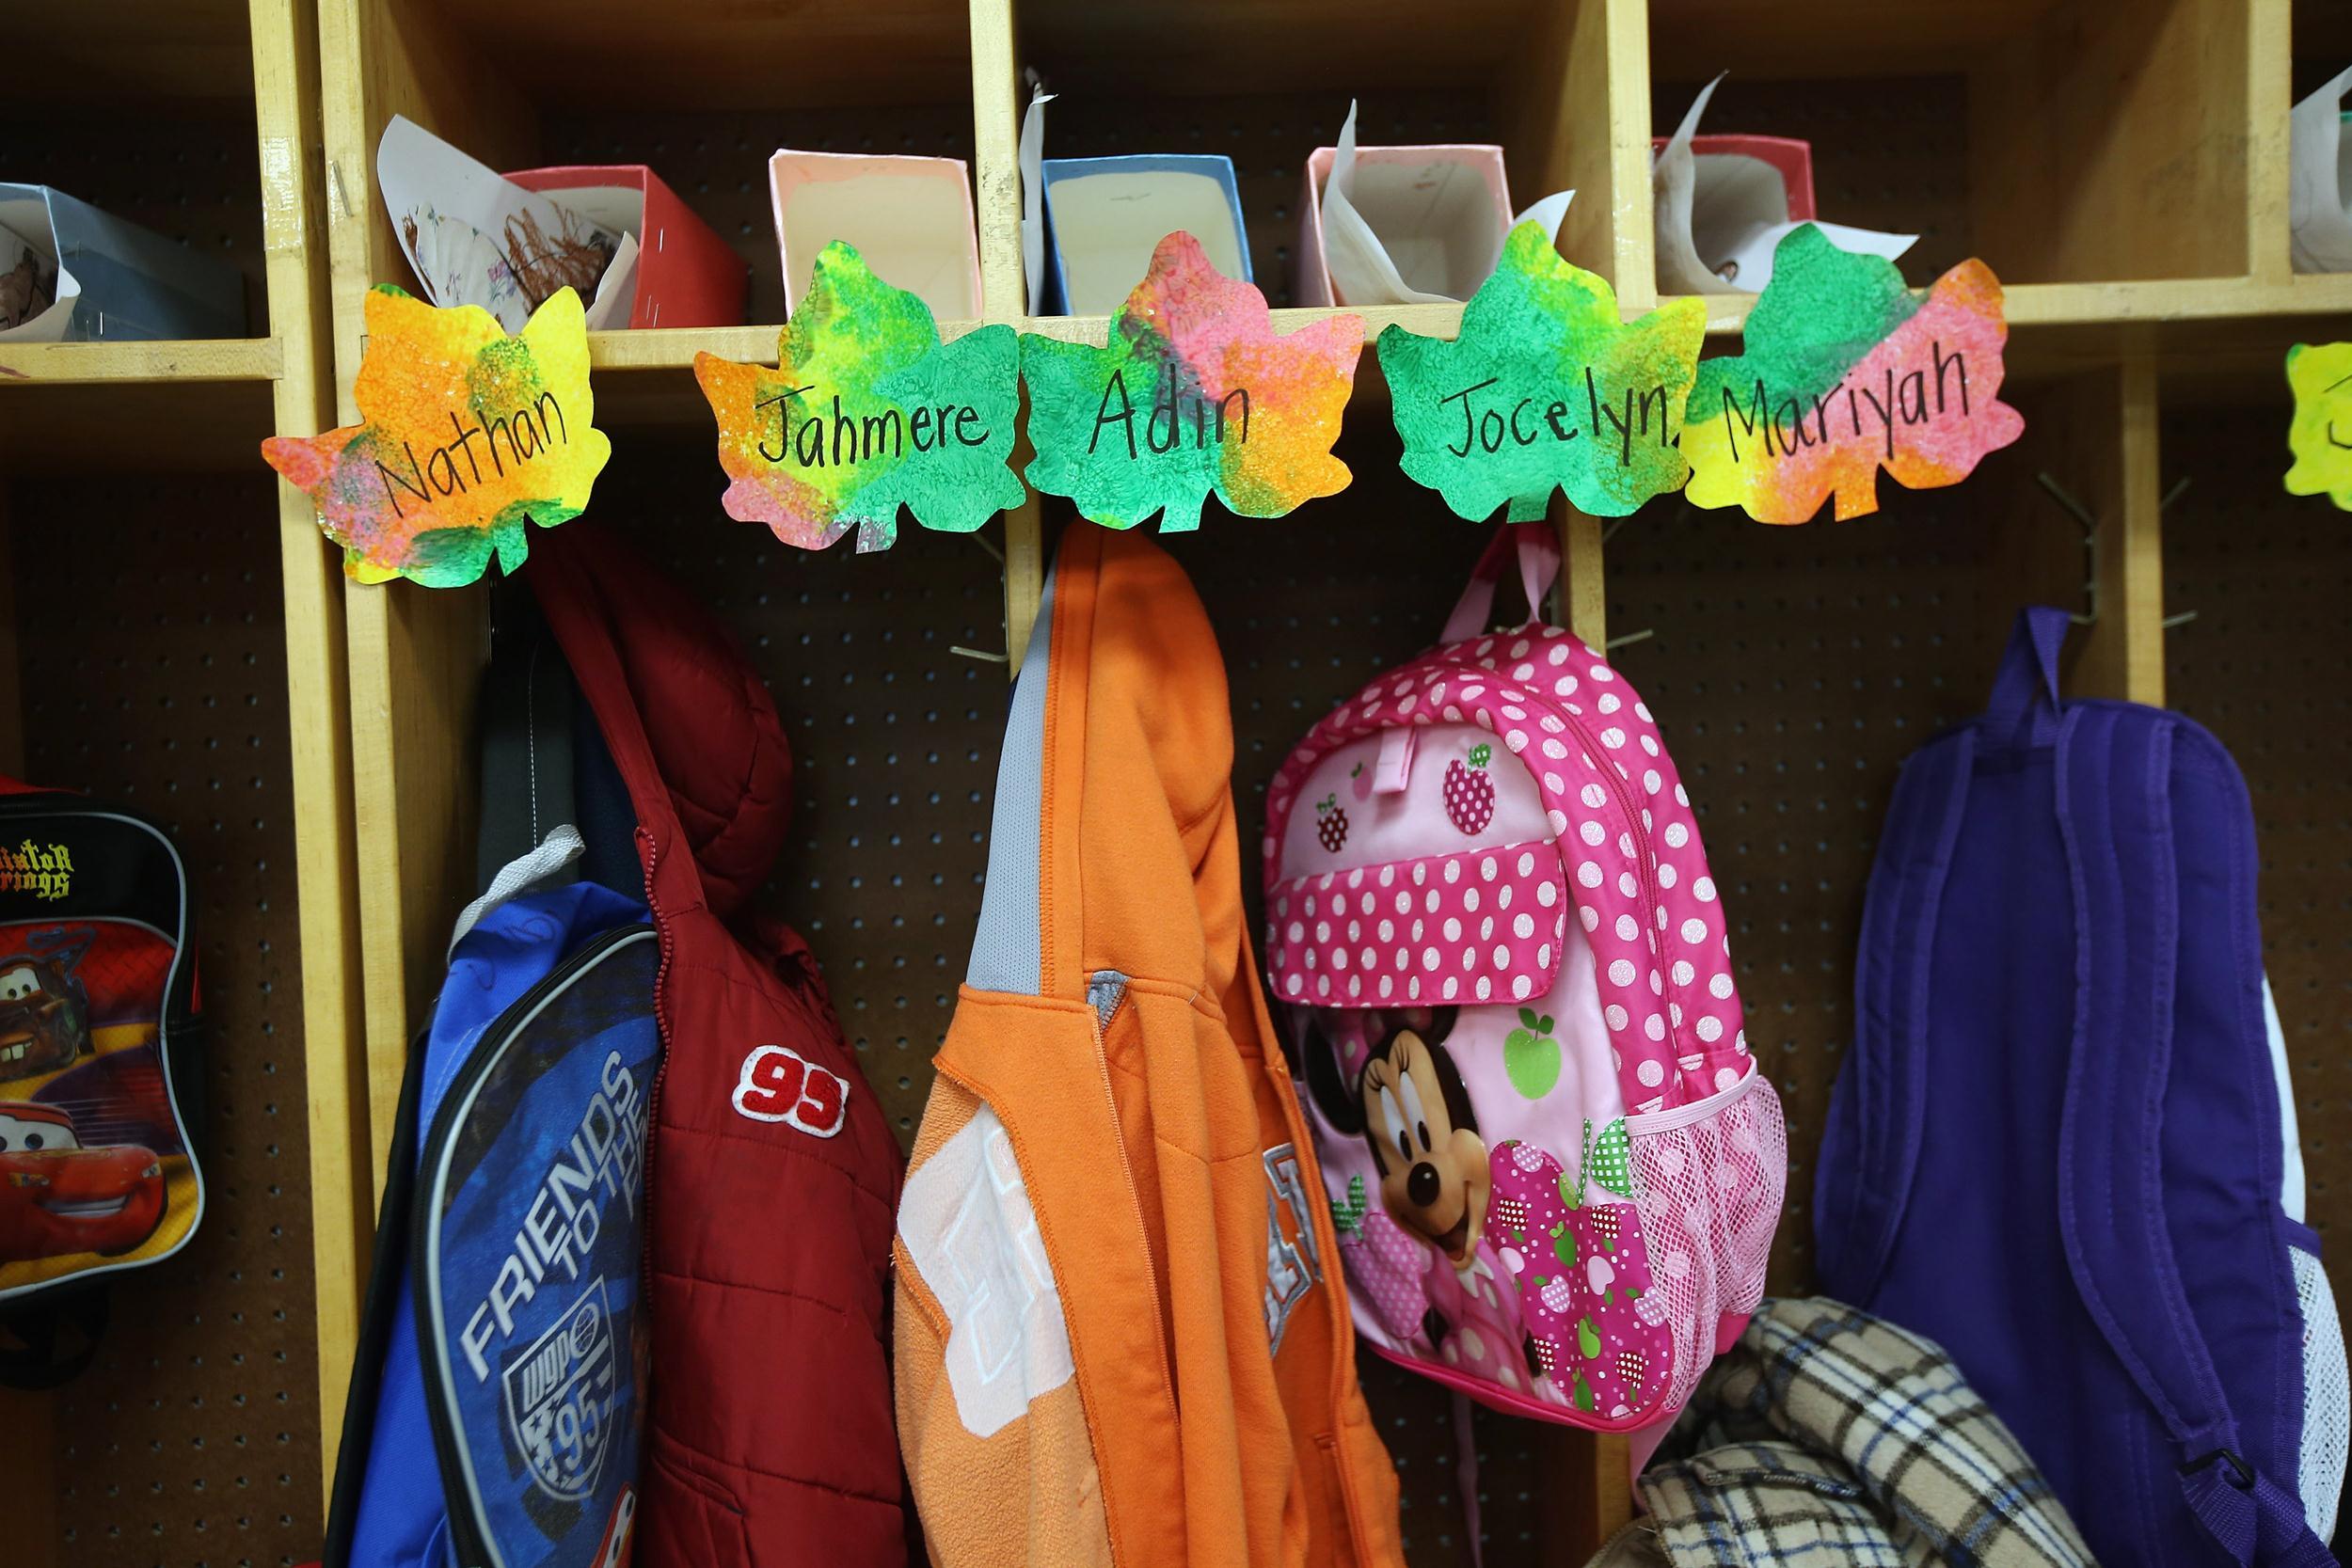 Image: Cubbies line a classroom